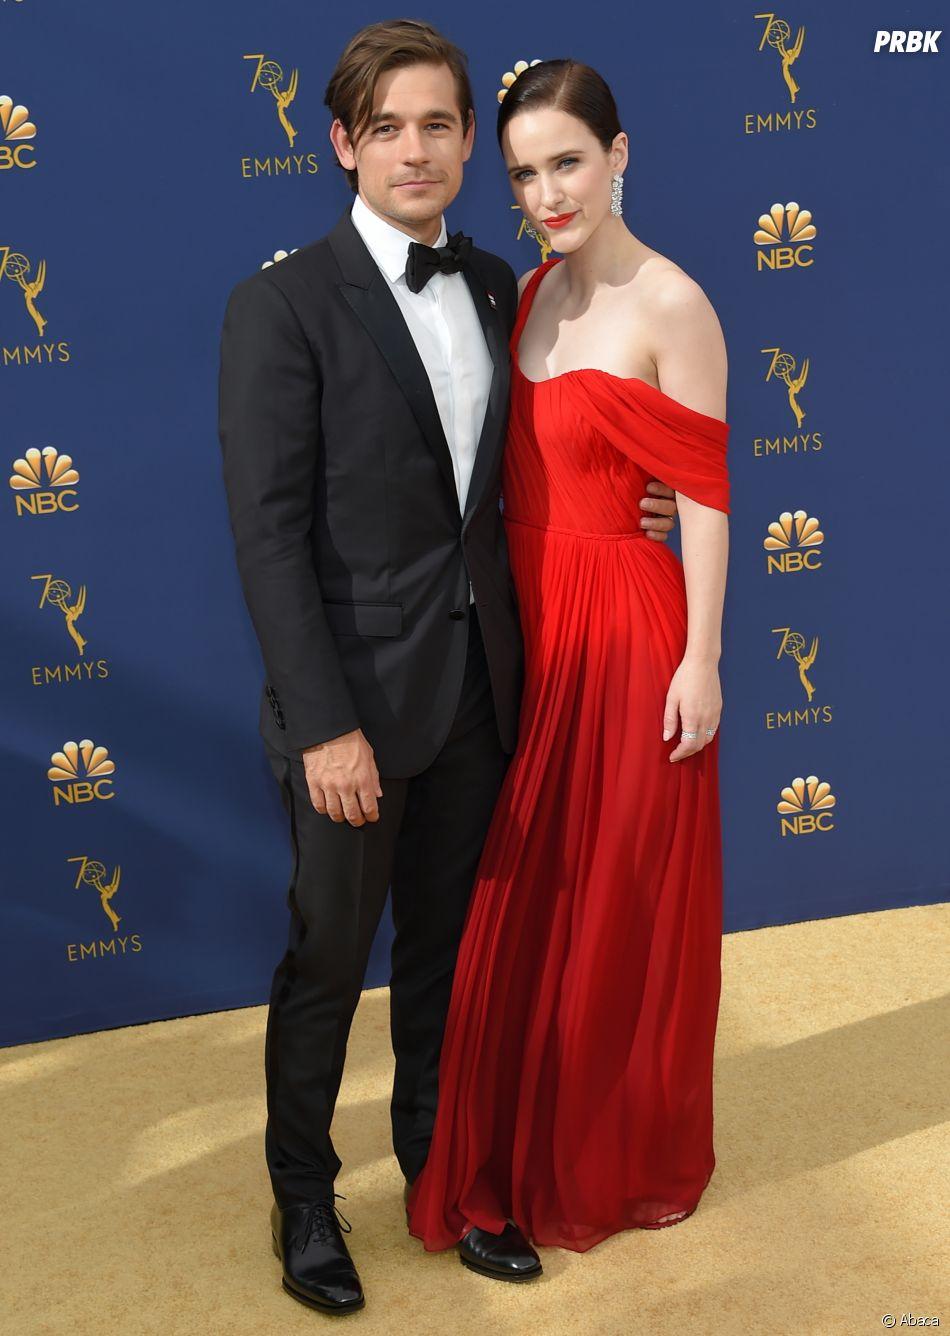 Jason Ralph et Rachel Broshanan sur le tapis rouge des Emmy Awards 2018 le 17 septembre à Los Angeles